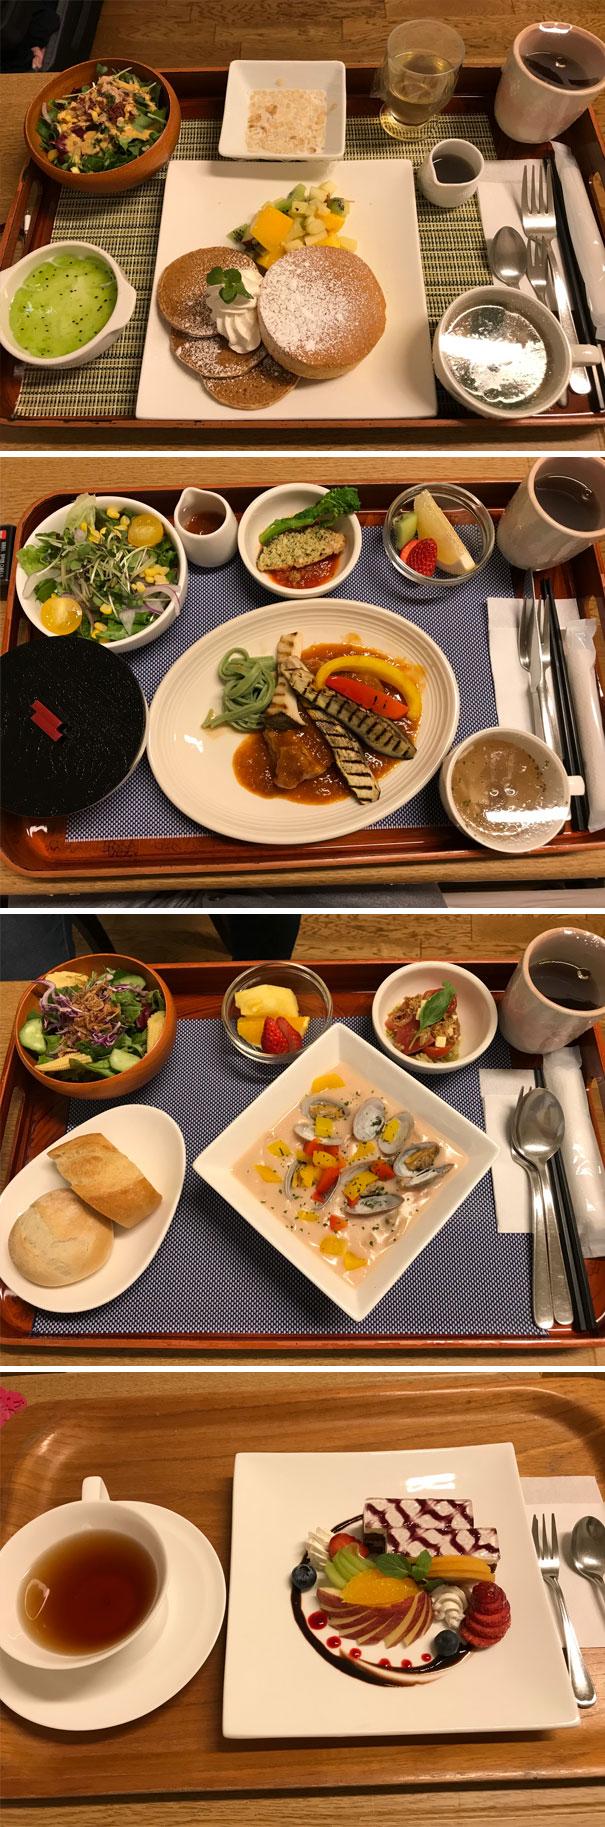 Vor Kurzem habe ich in Japan mein Kind zur Welt gebracht. So sah das Essen im Krankenhaus aus